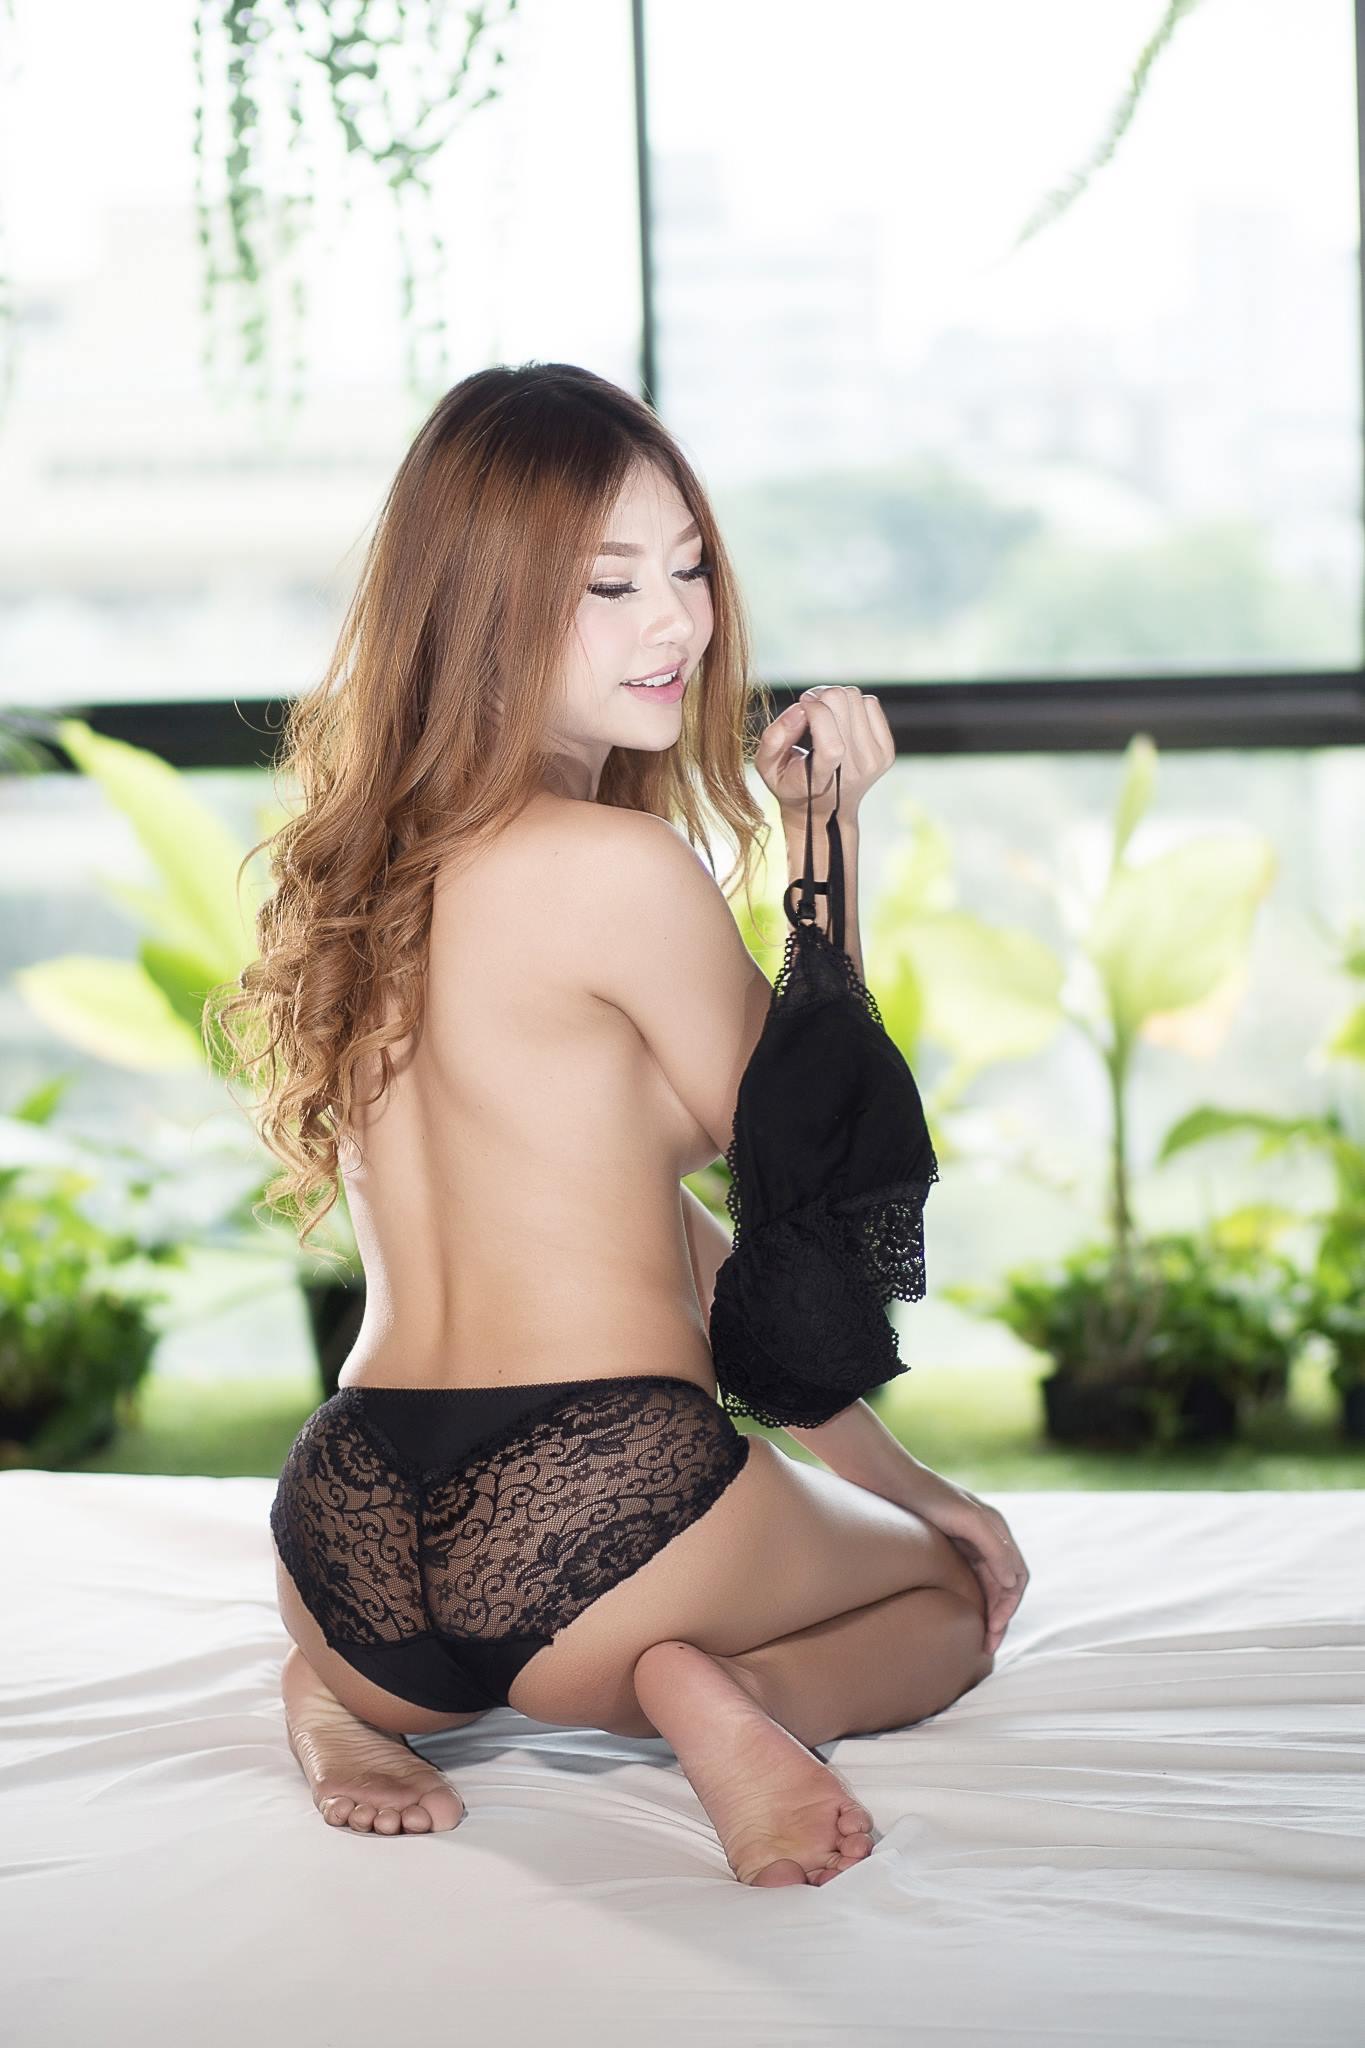 Black Lace - Nirada Guernongkun